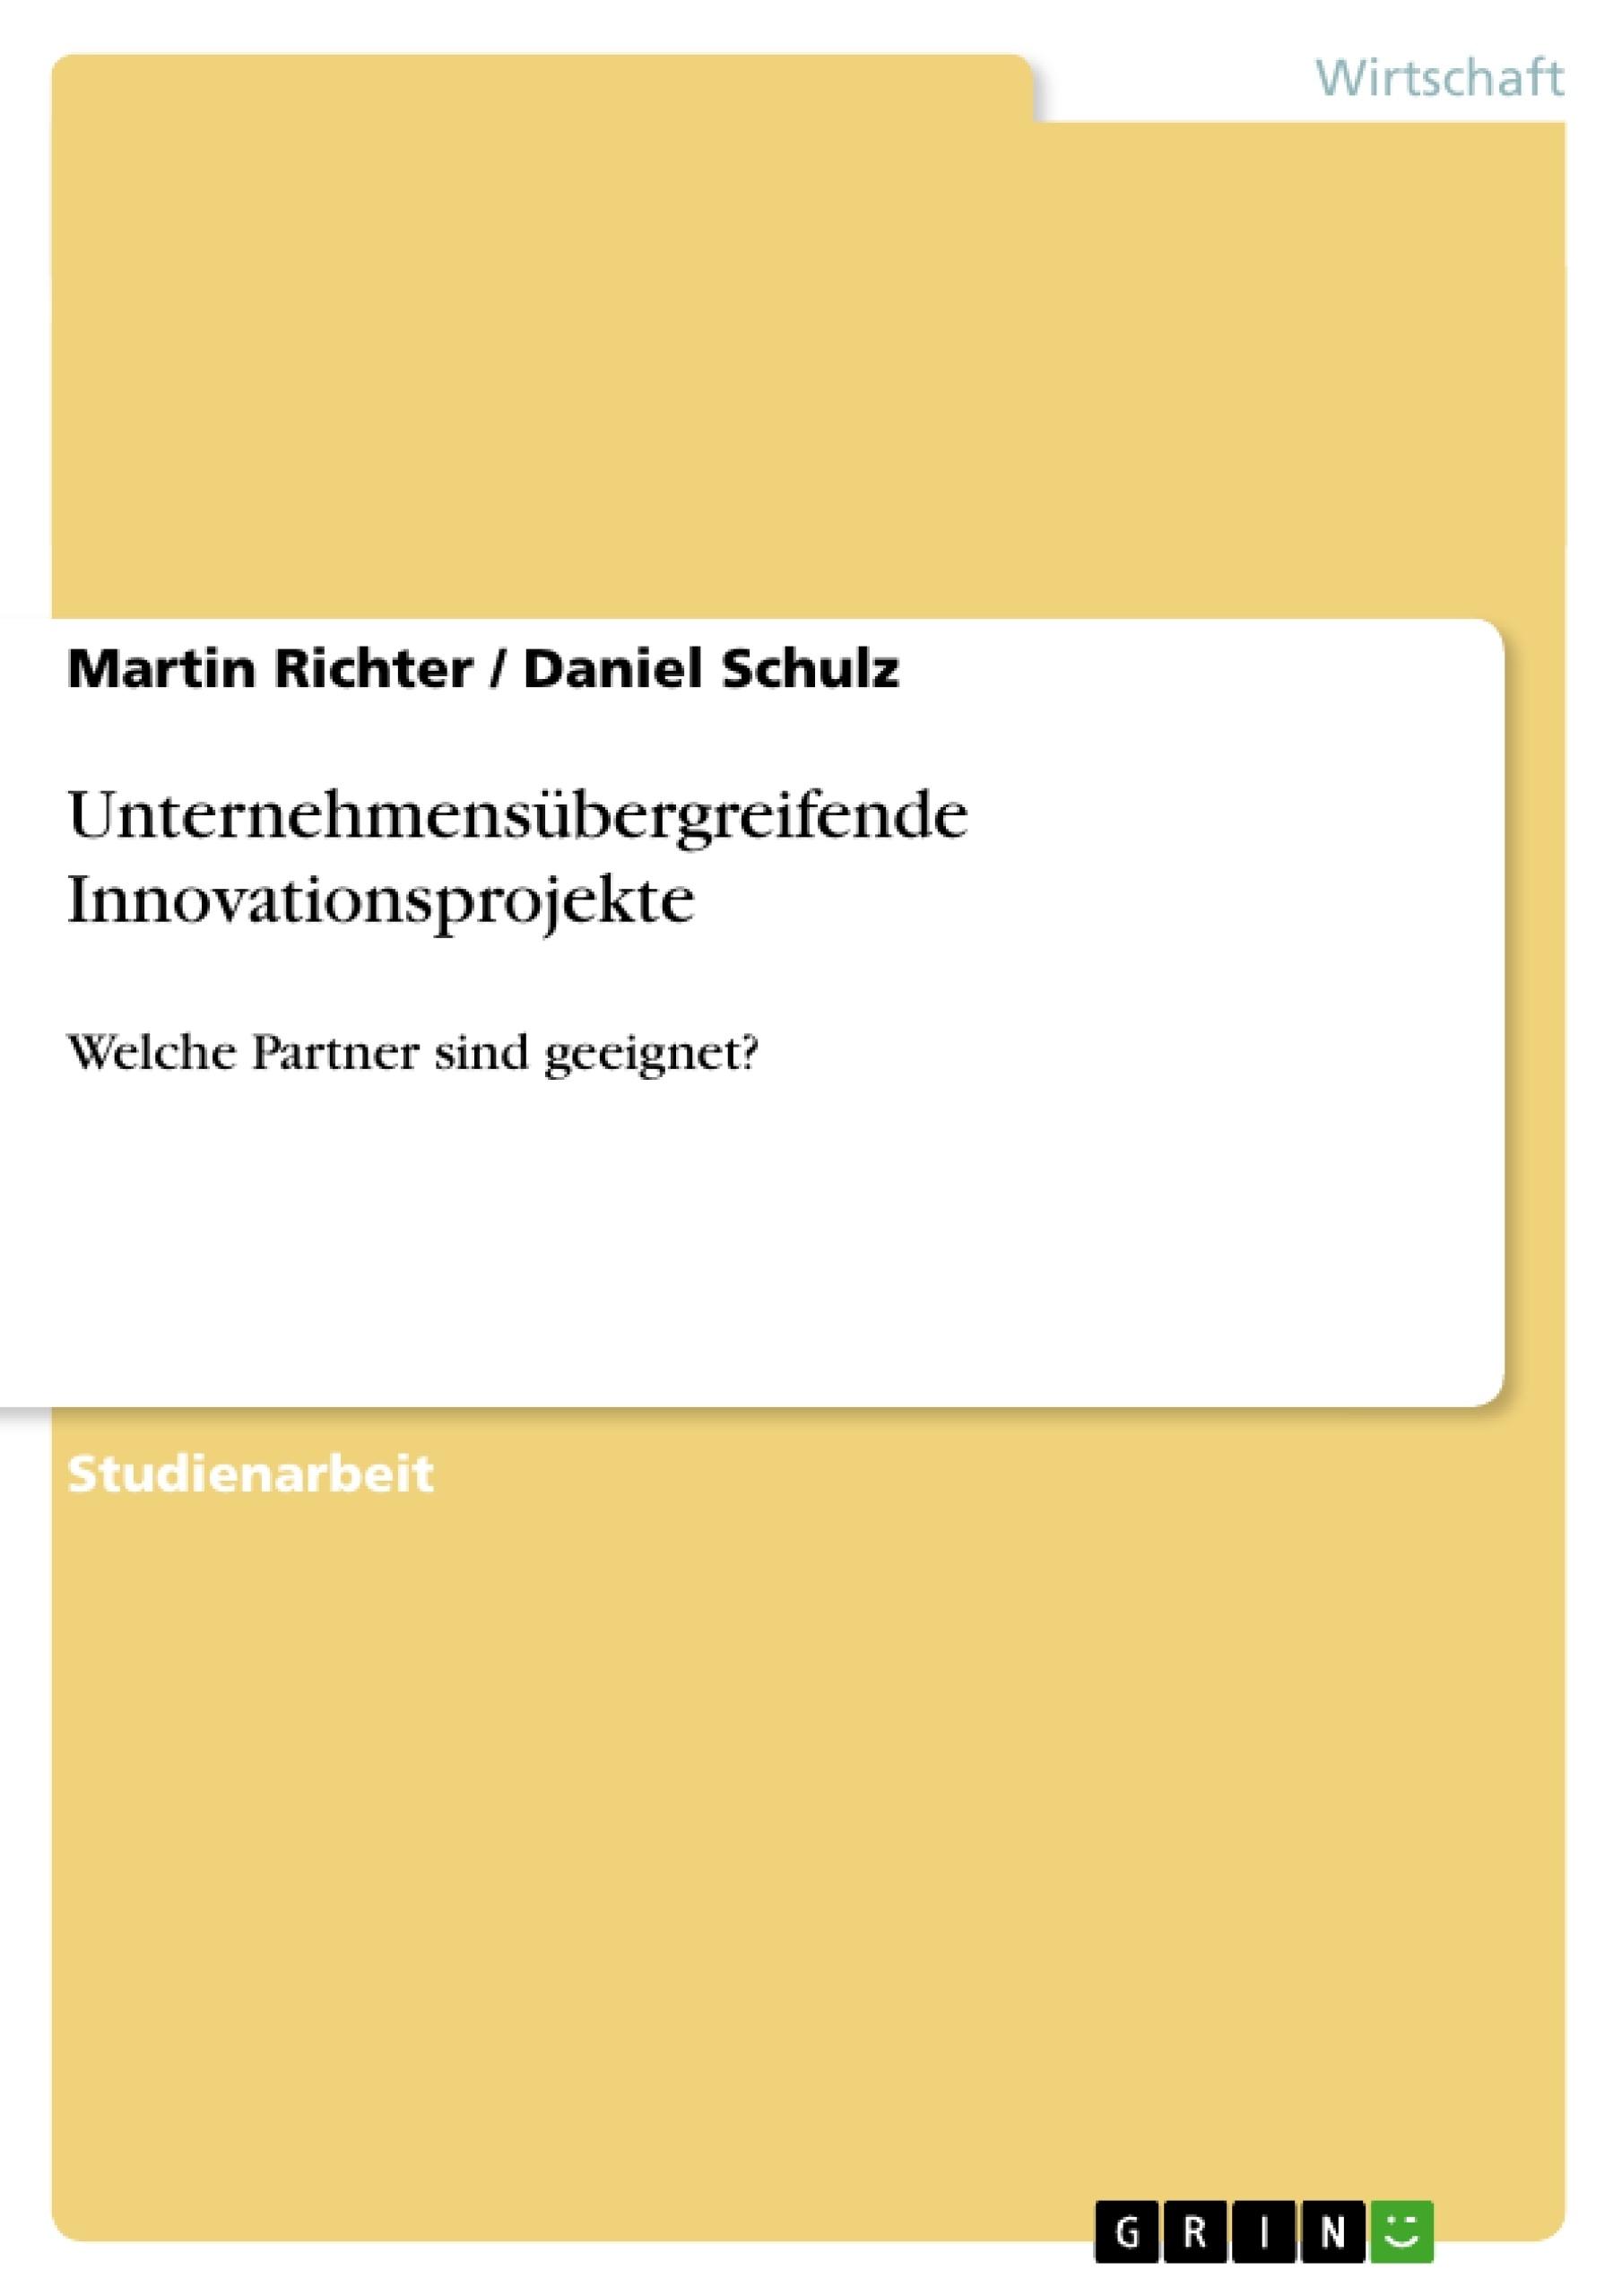 Titel: Unternehmensübergreifende Innovationsprojekte